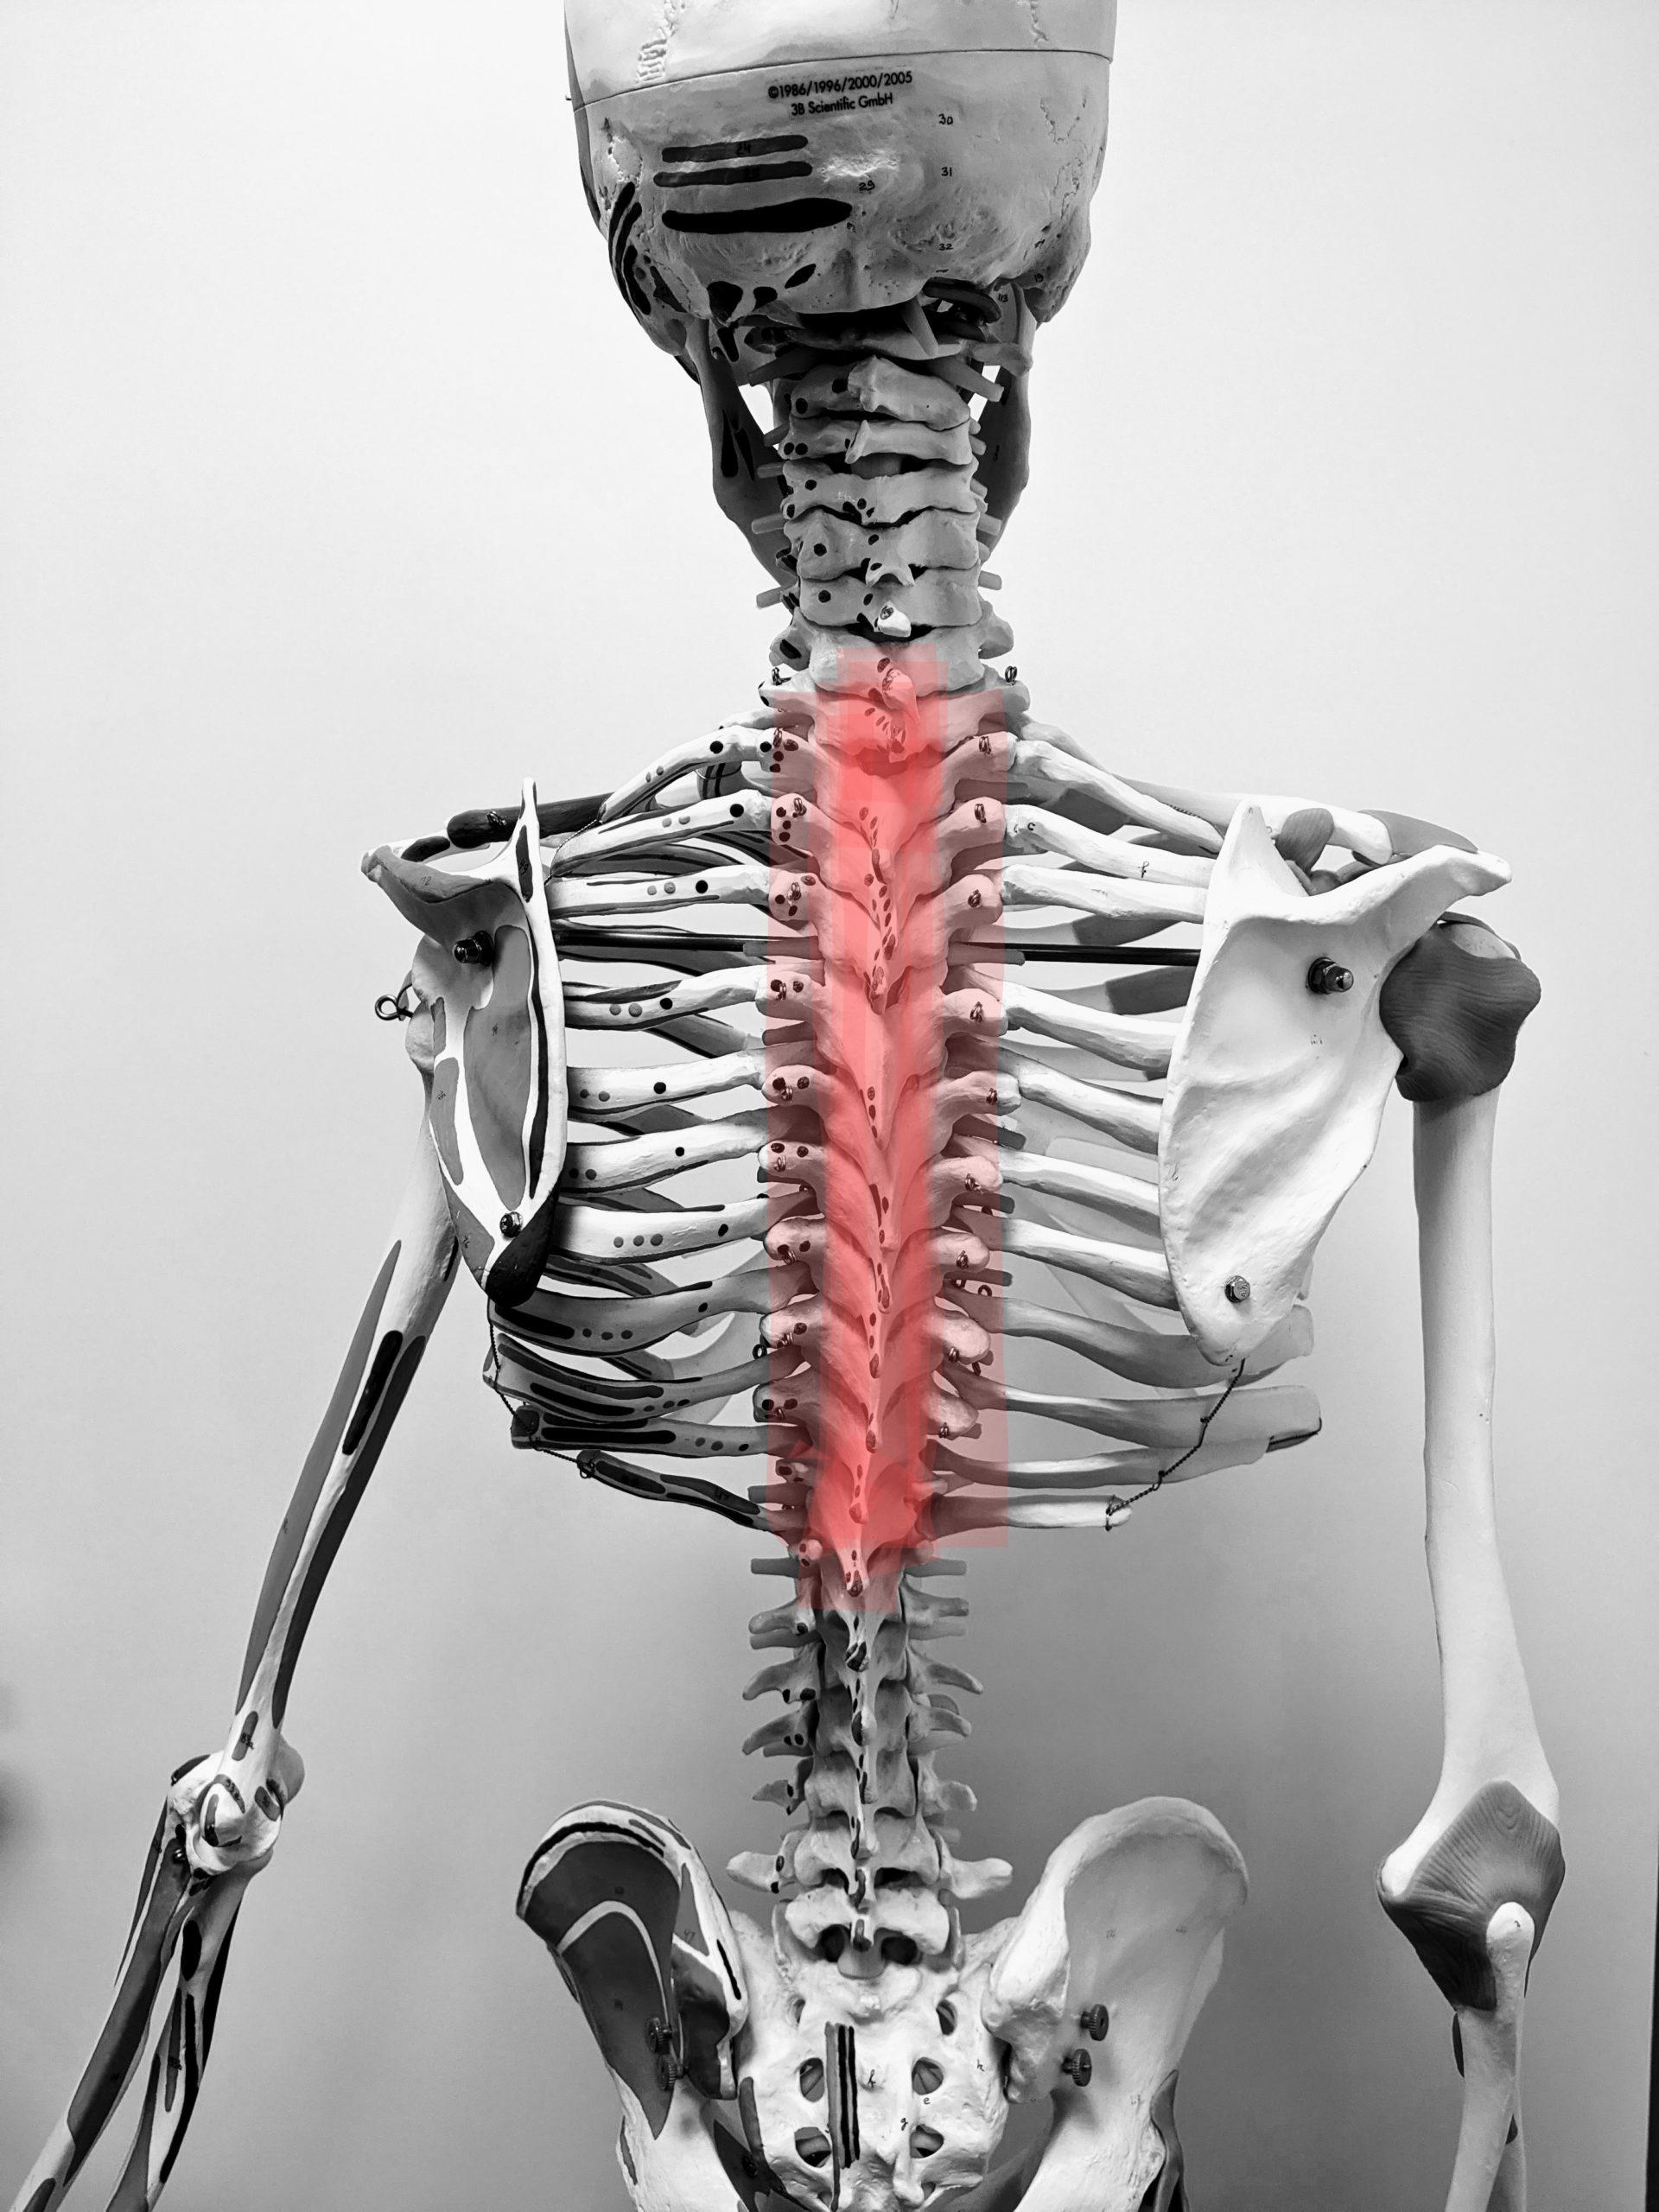 Schmerzen in der Brust und Brustwirbelsäule